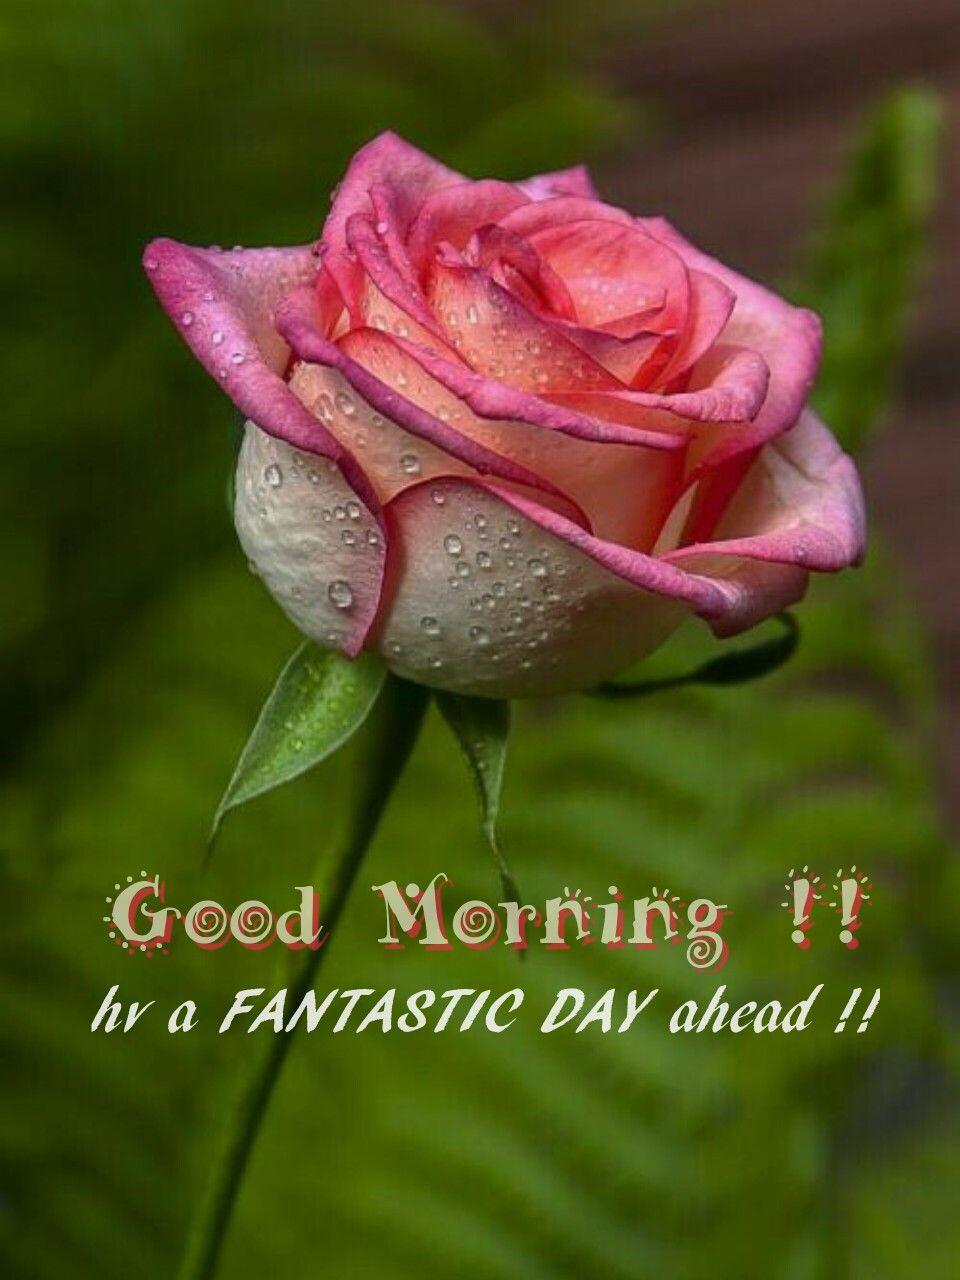 Good morning good morning flowers rose beautiful roses - Good morning rose image ...